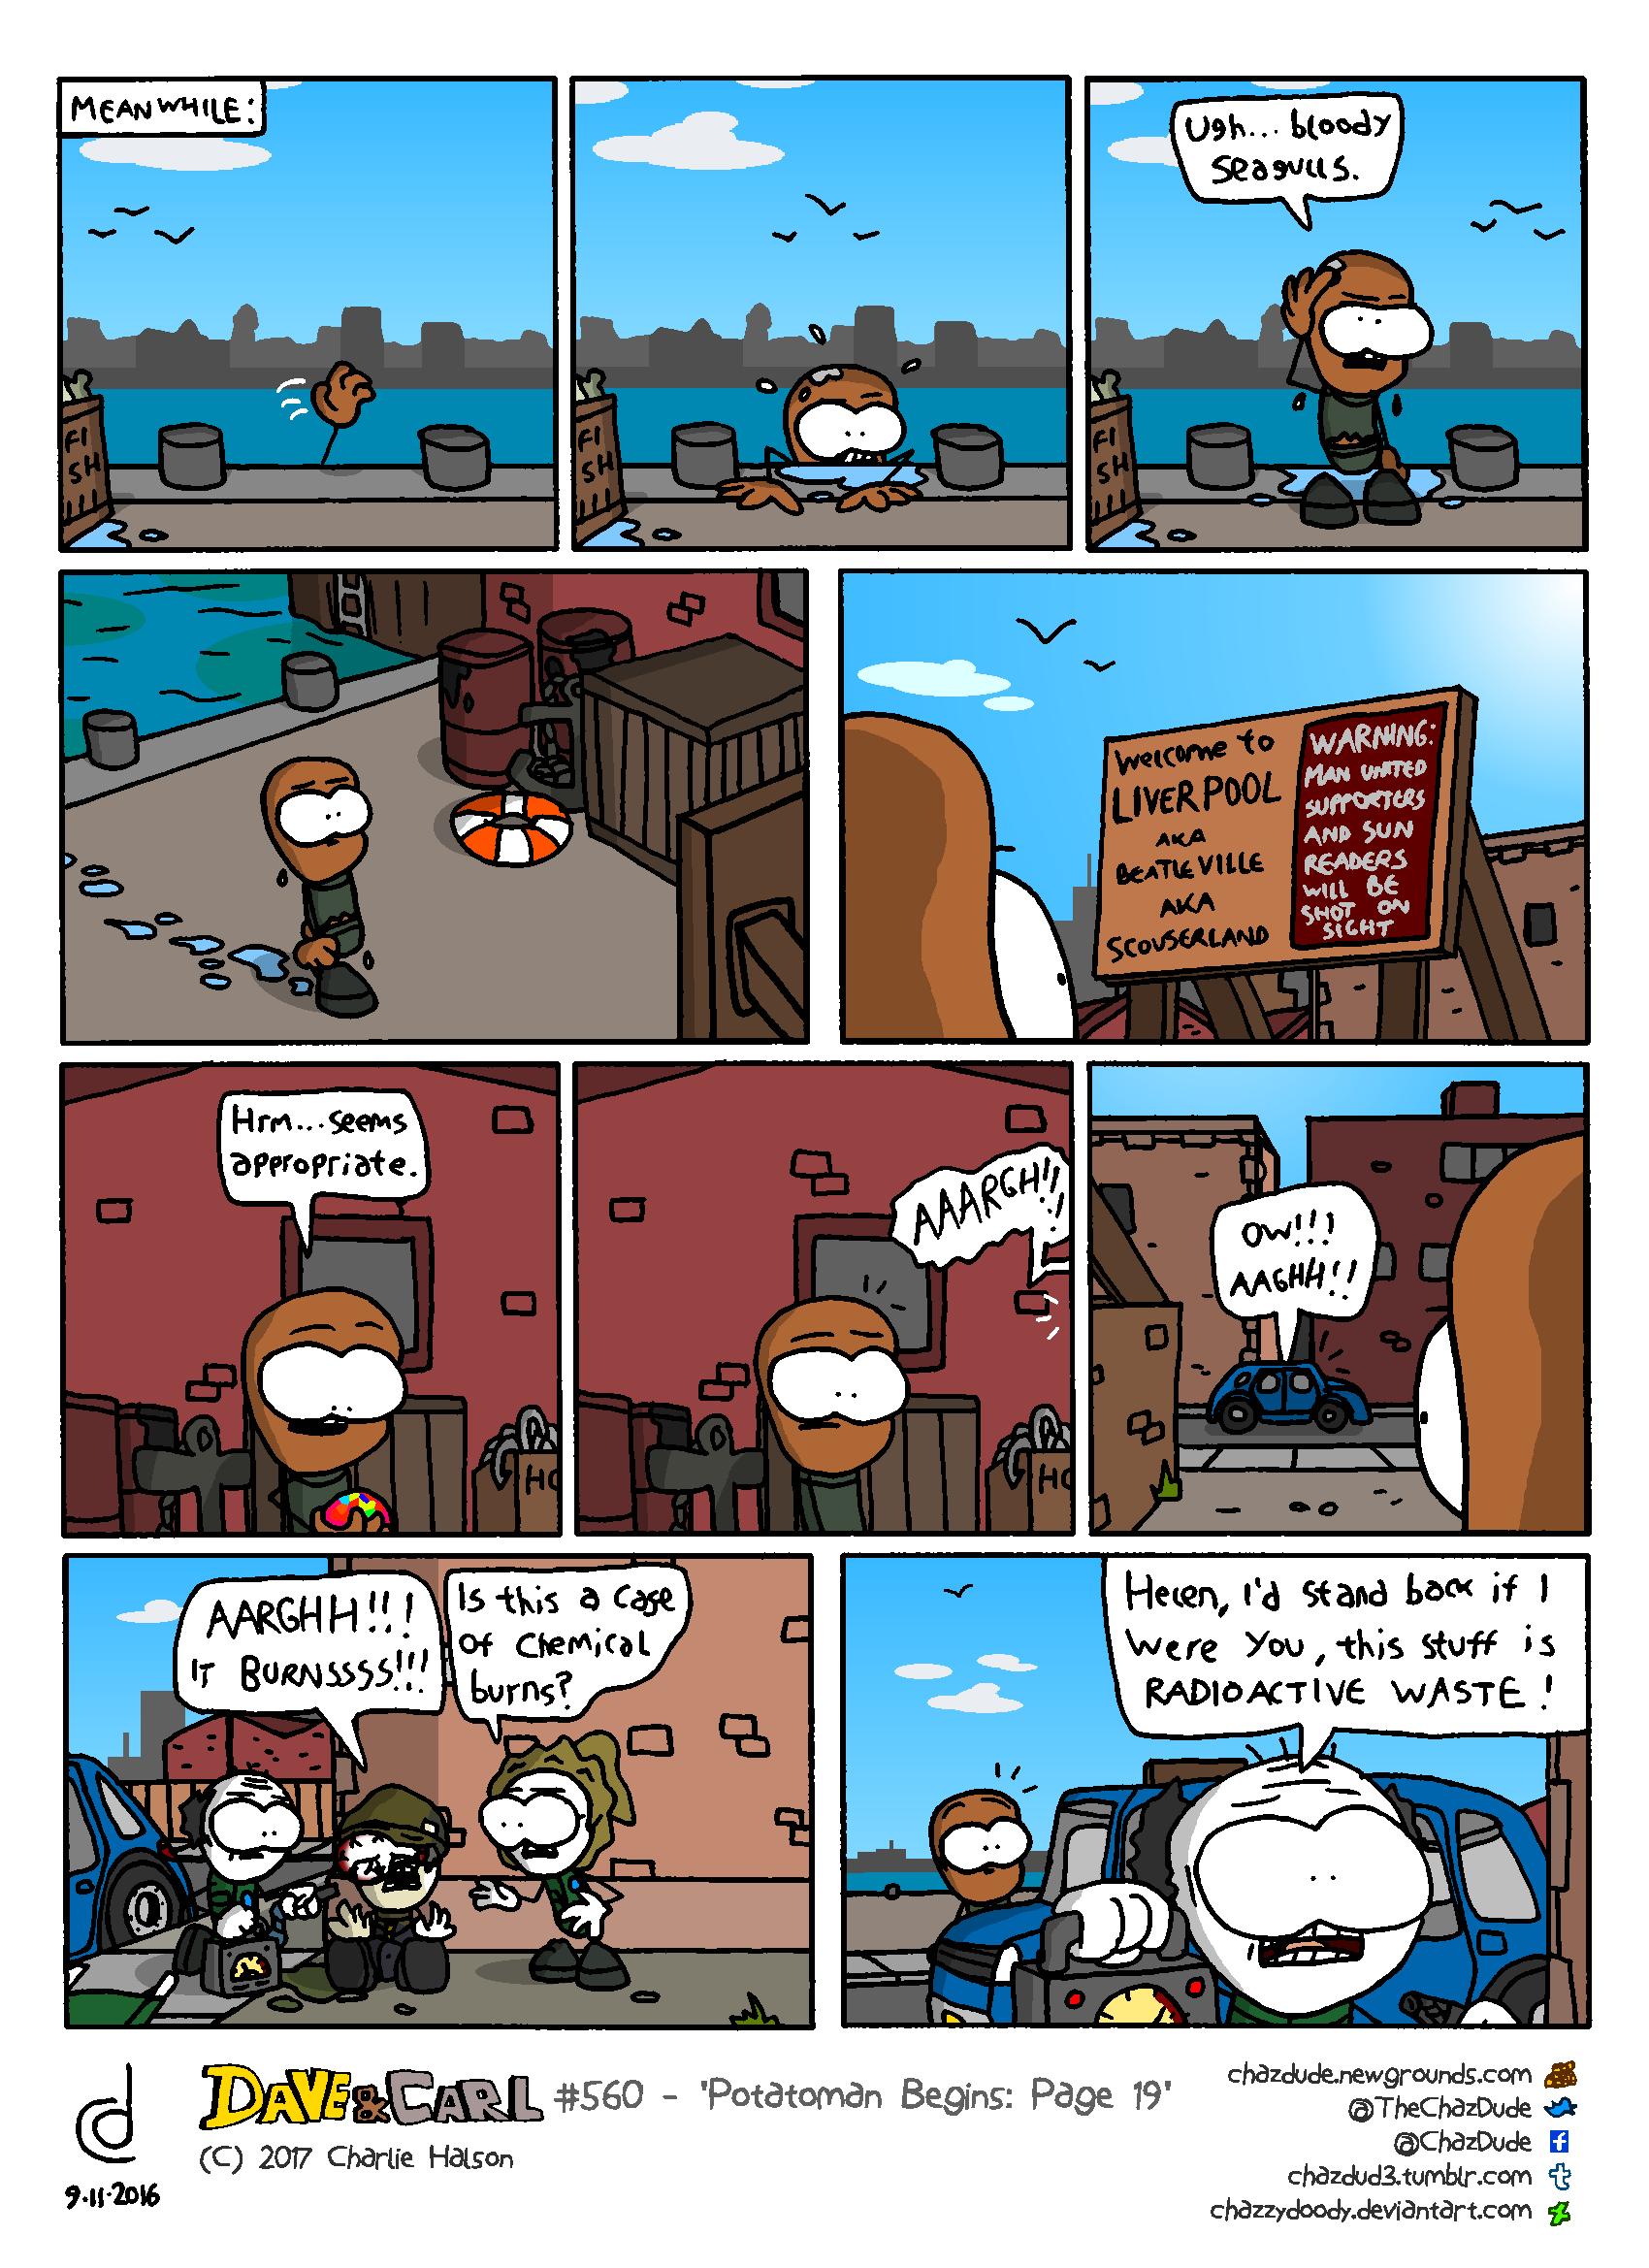 Potatoman Begins: Page 19